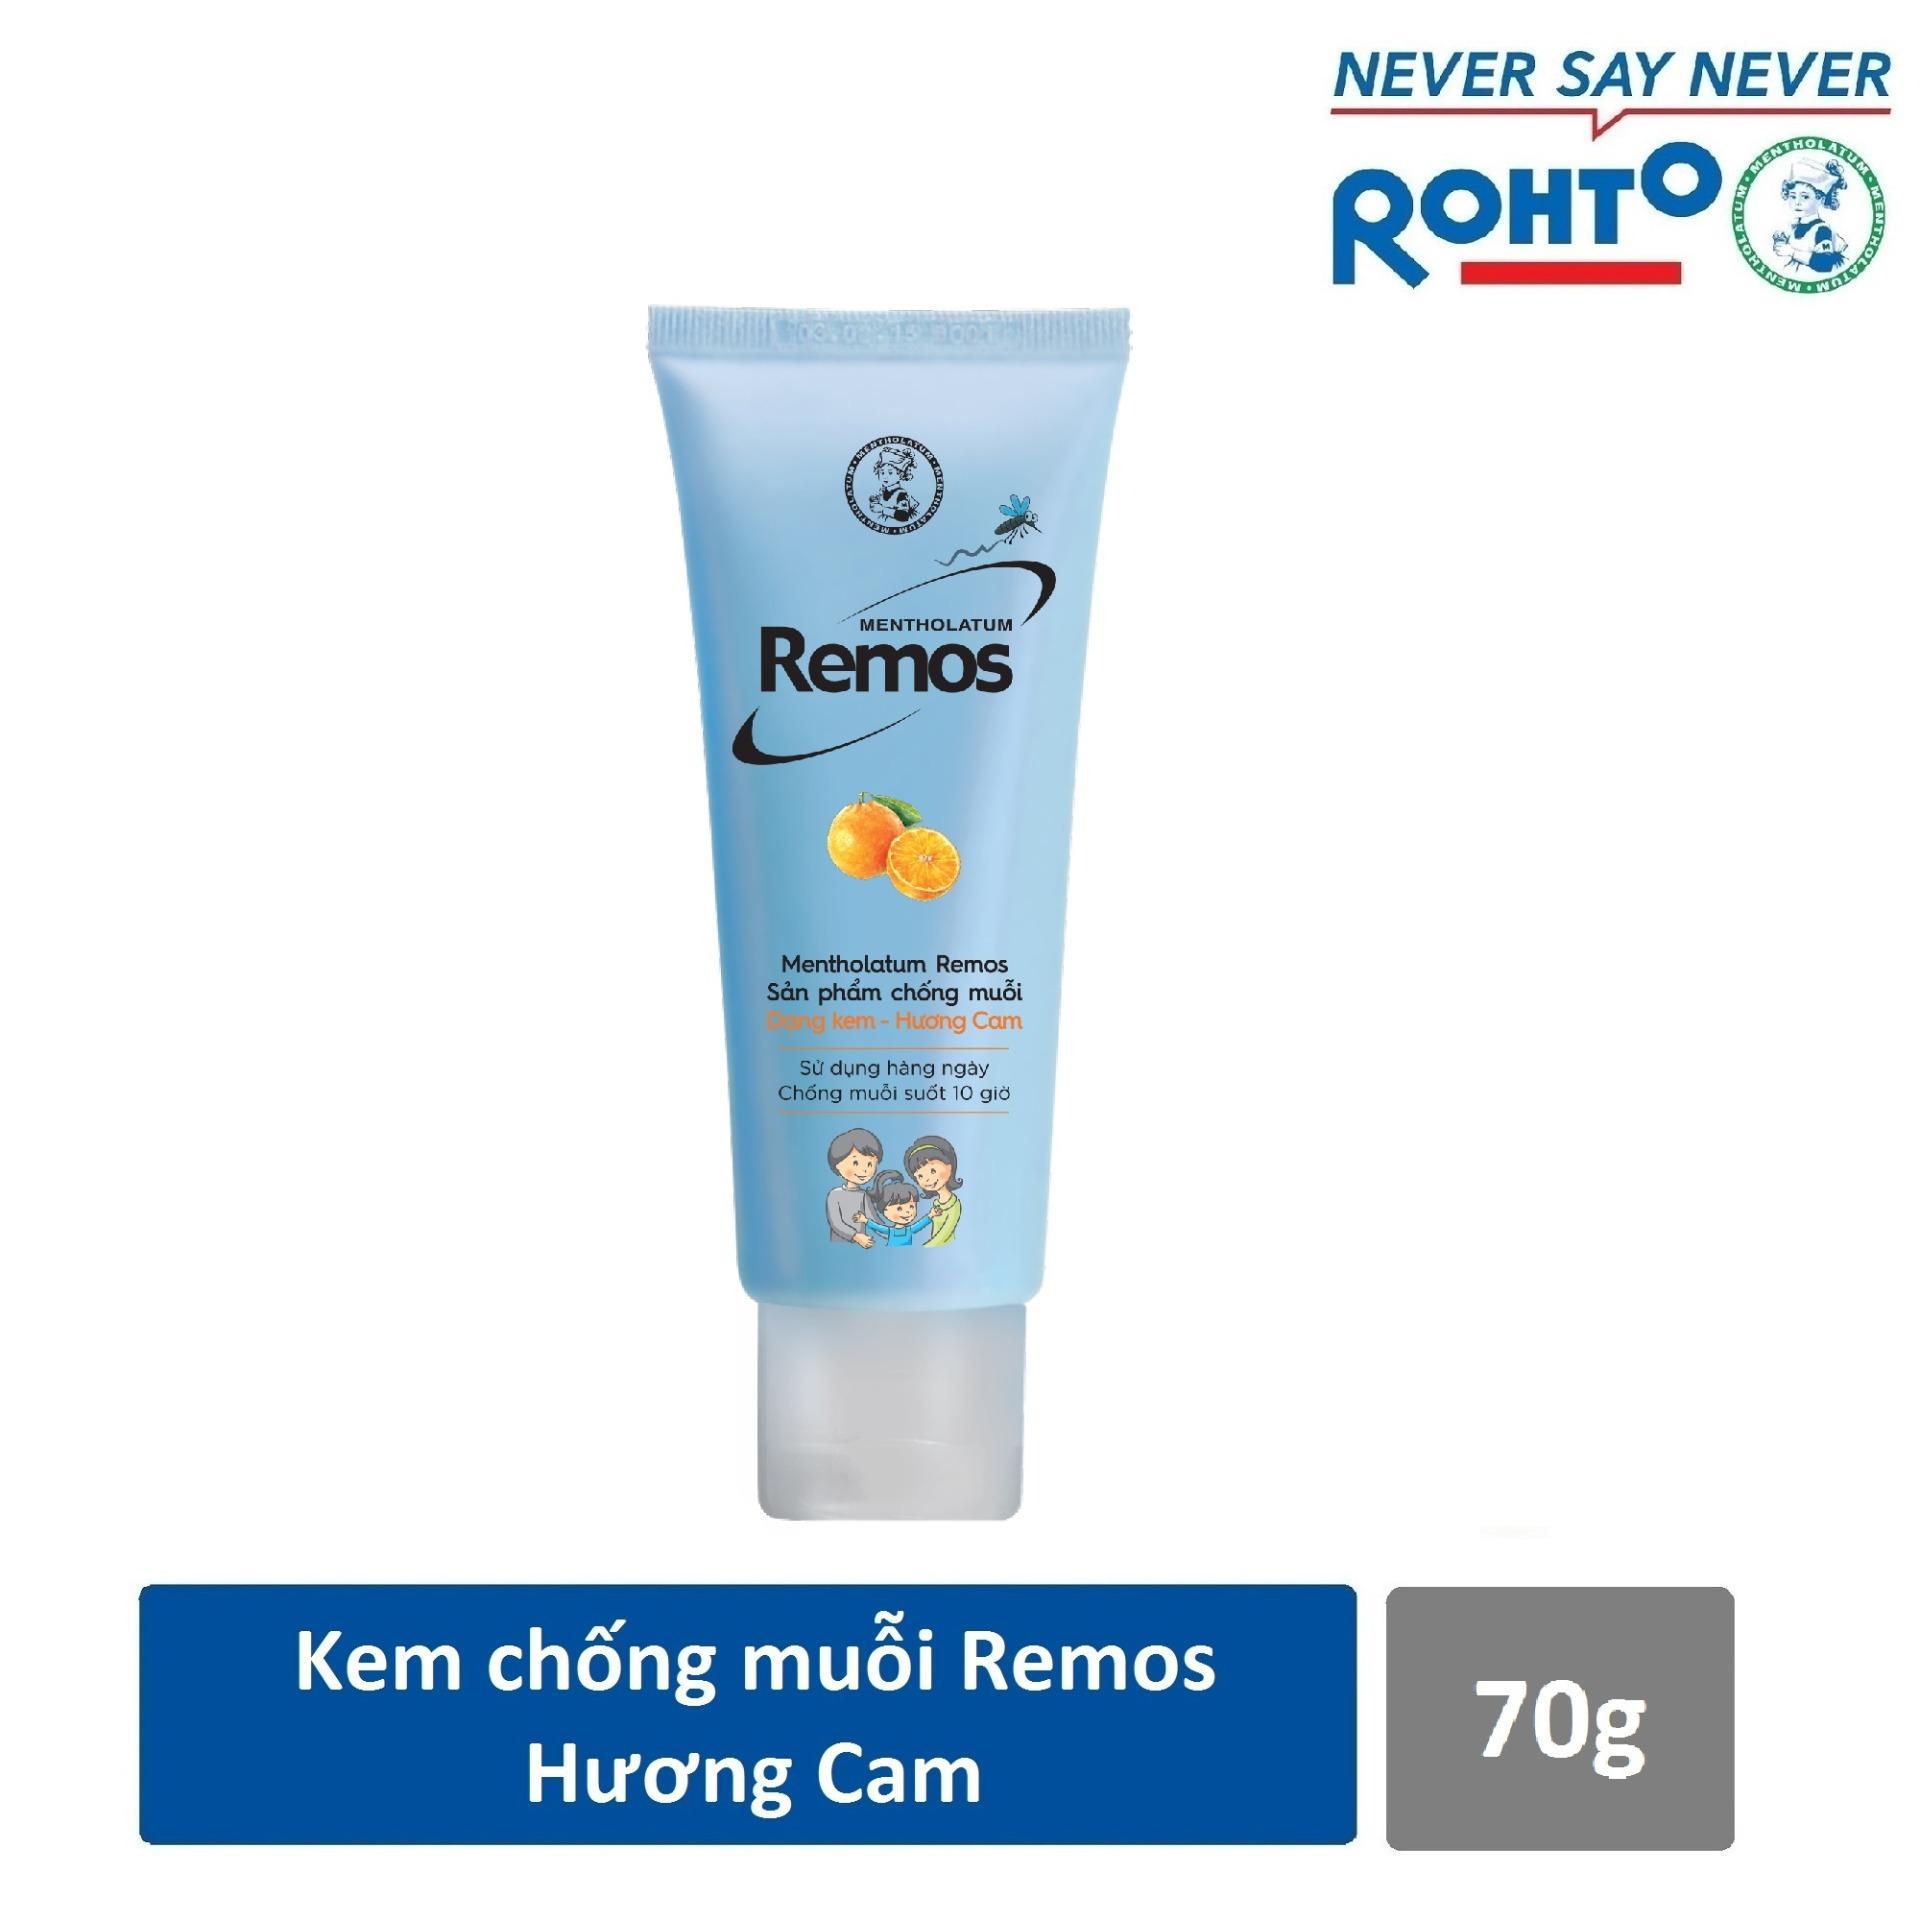 Kem chống muỗi Rohto Mentholatum Remos Hương Cam 70g